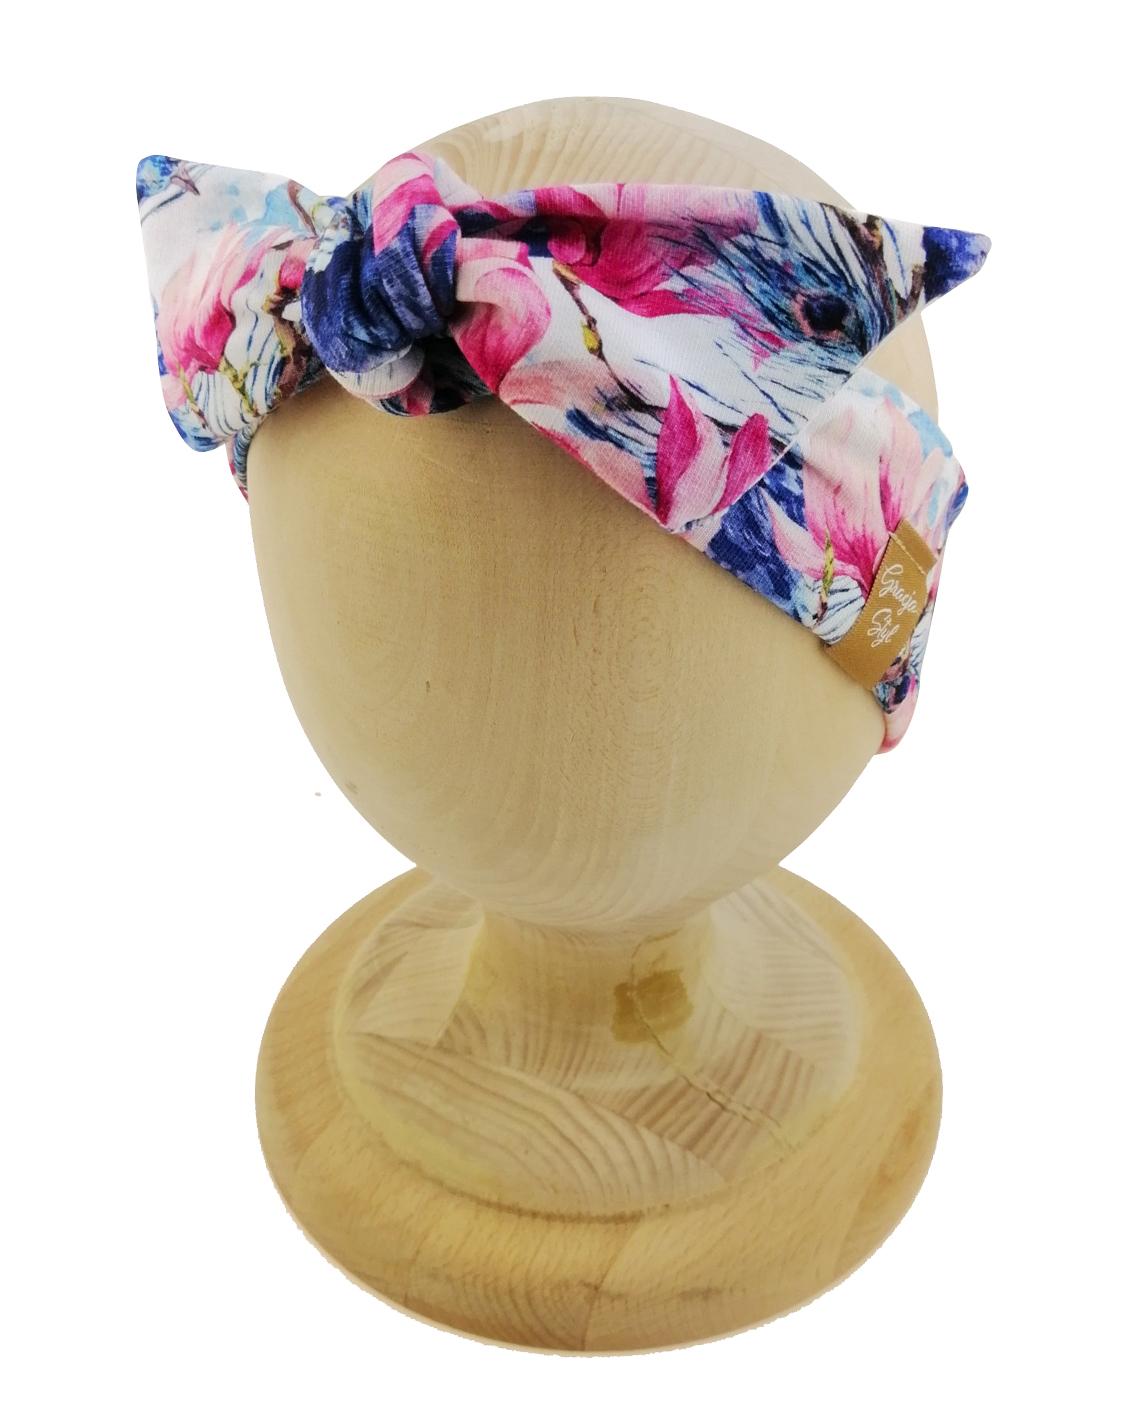 Opaska kobieca typu Pin-up marki Gracja Styl. Uszyta z bawełny petelkowej typu dresówka. Wzór opaski Pawie.